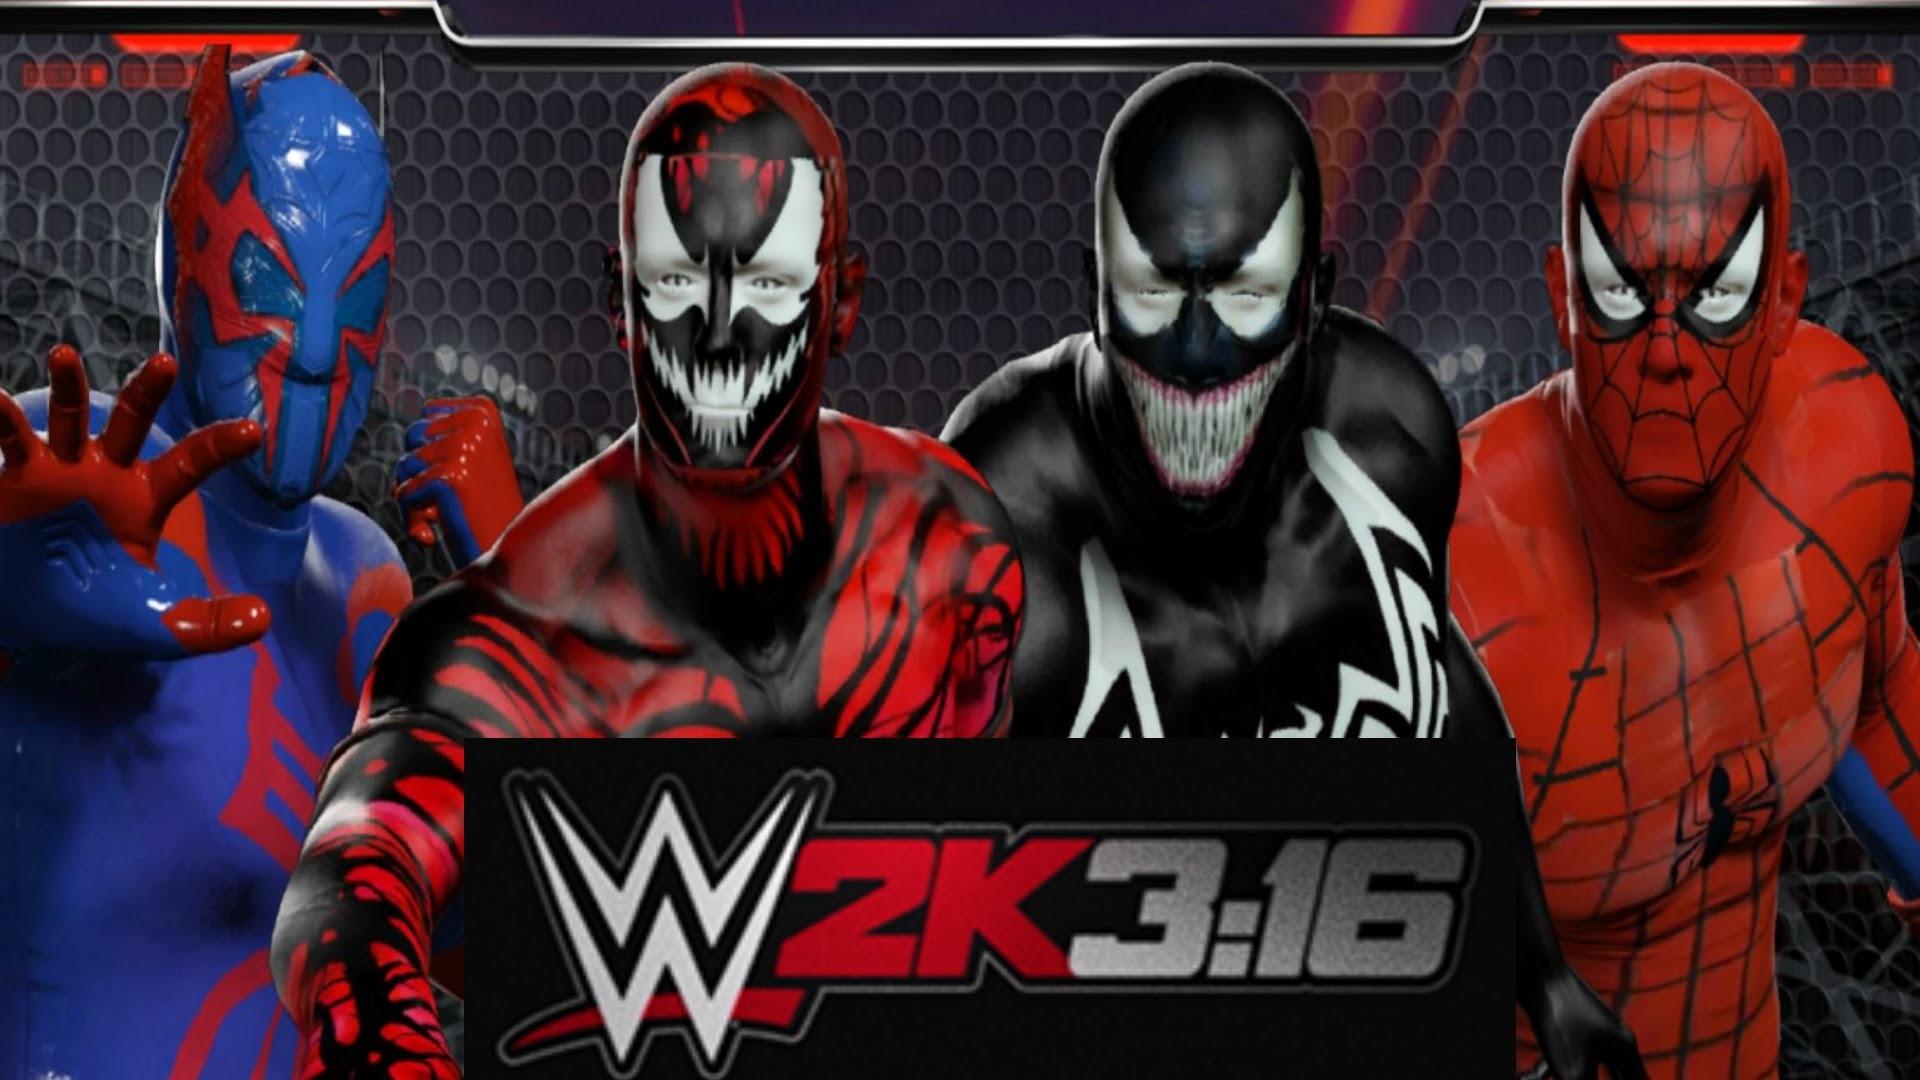 Venom Vs Carnage Wallpaper High Resolution